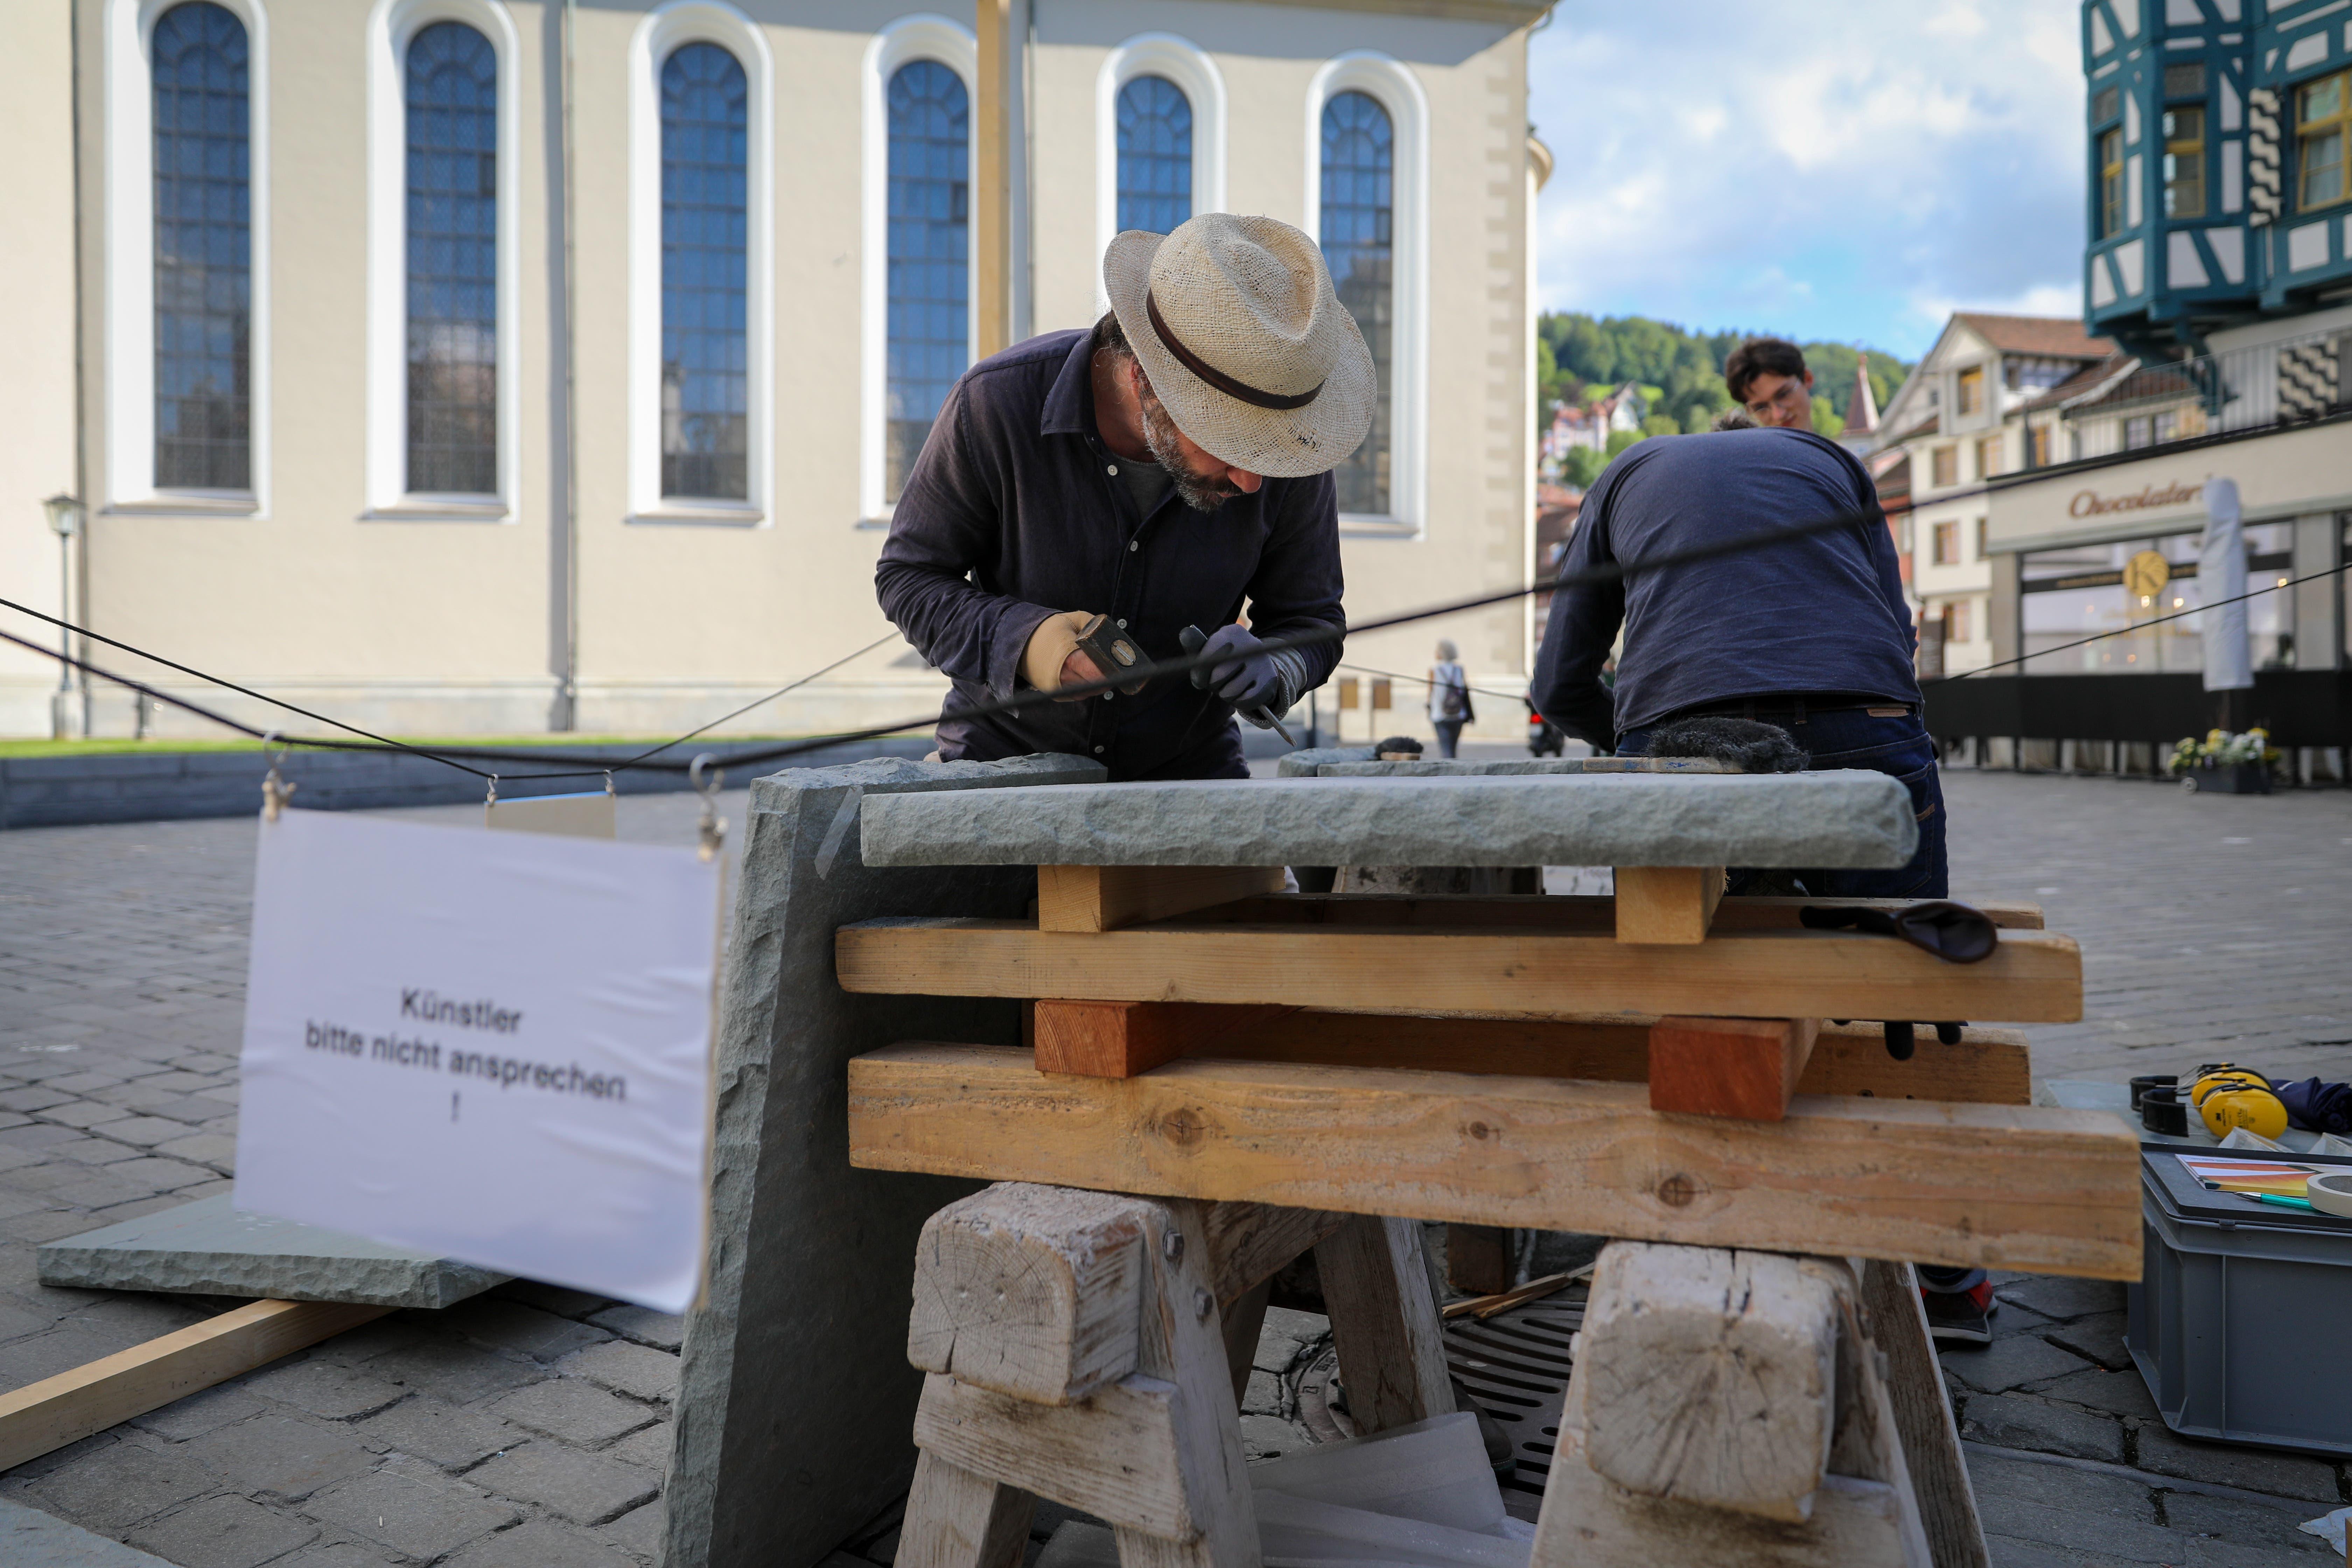 «Künstler bitte nicht ansprechen!» Frank und Patrik Riklin bei der Arbeit zwischen IHK, Kathedrale und Chocolaterie.